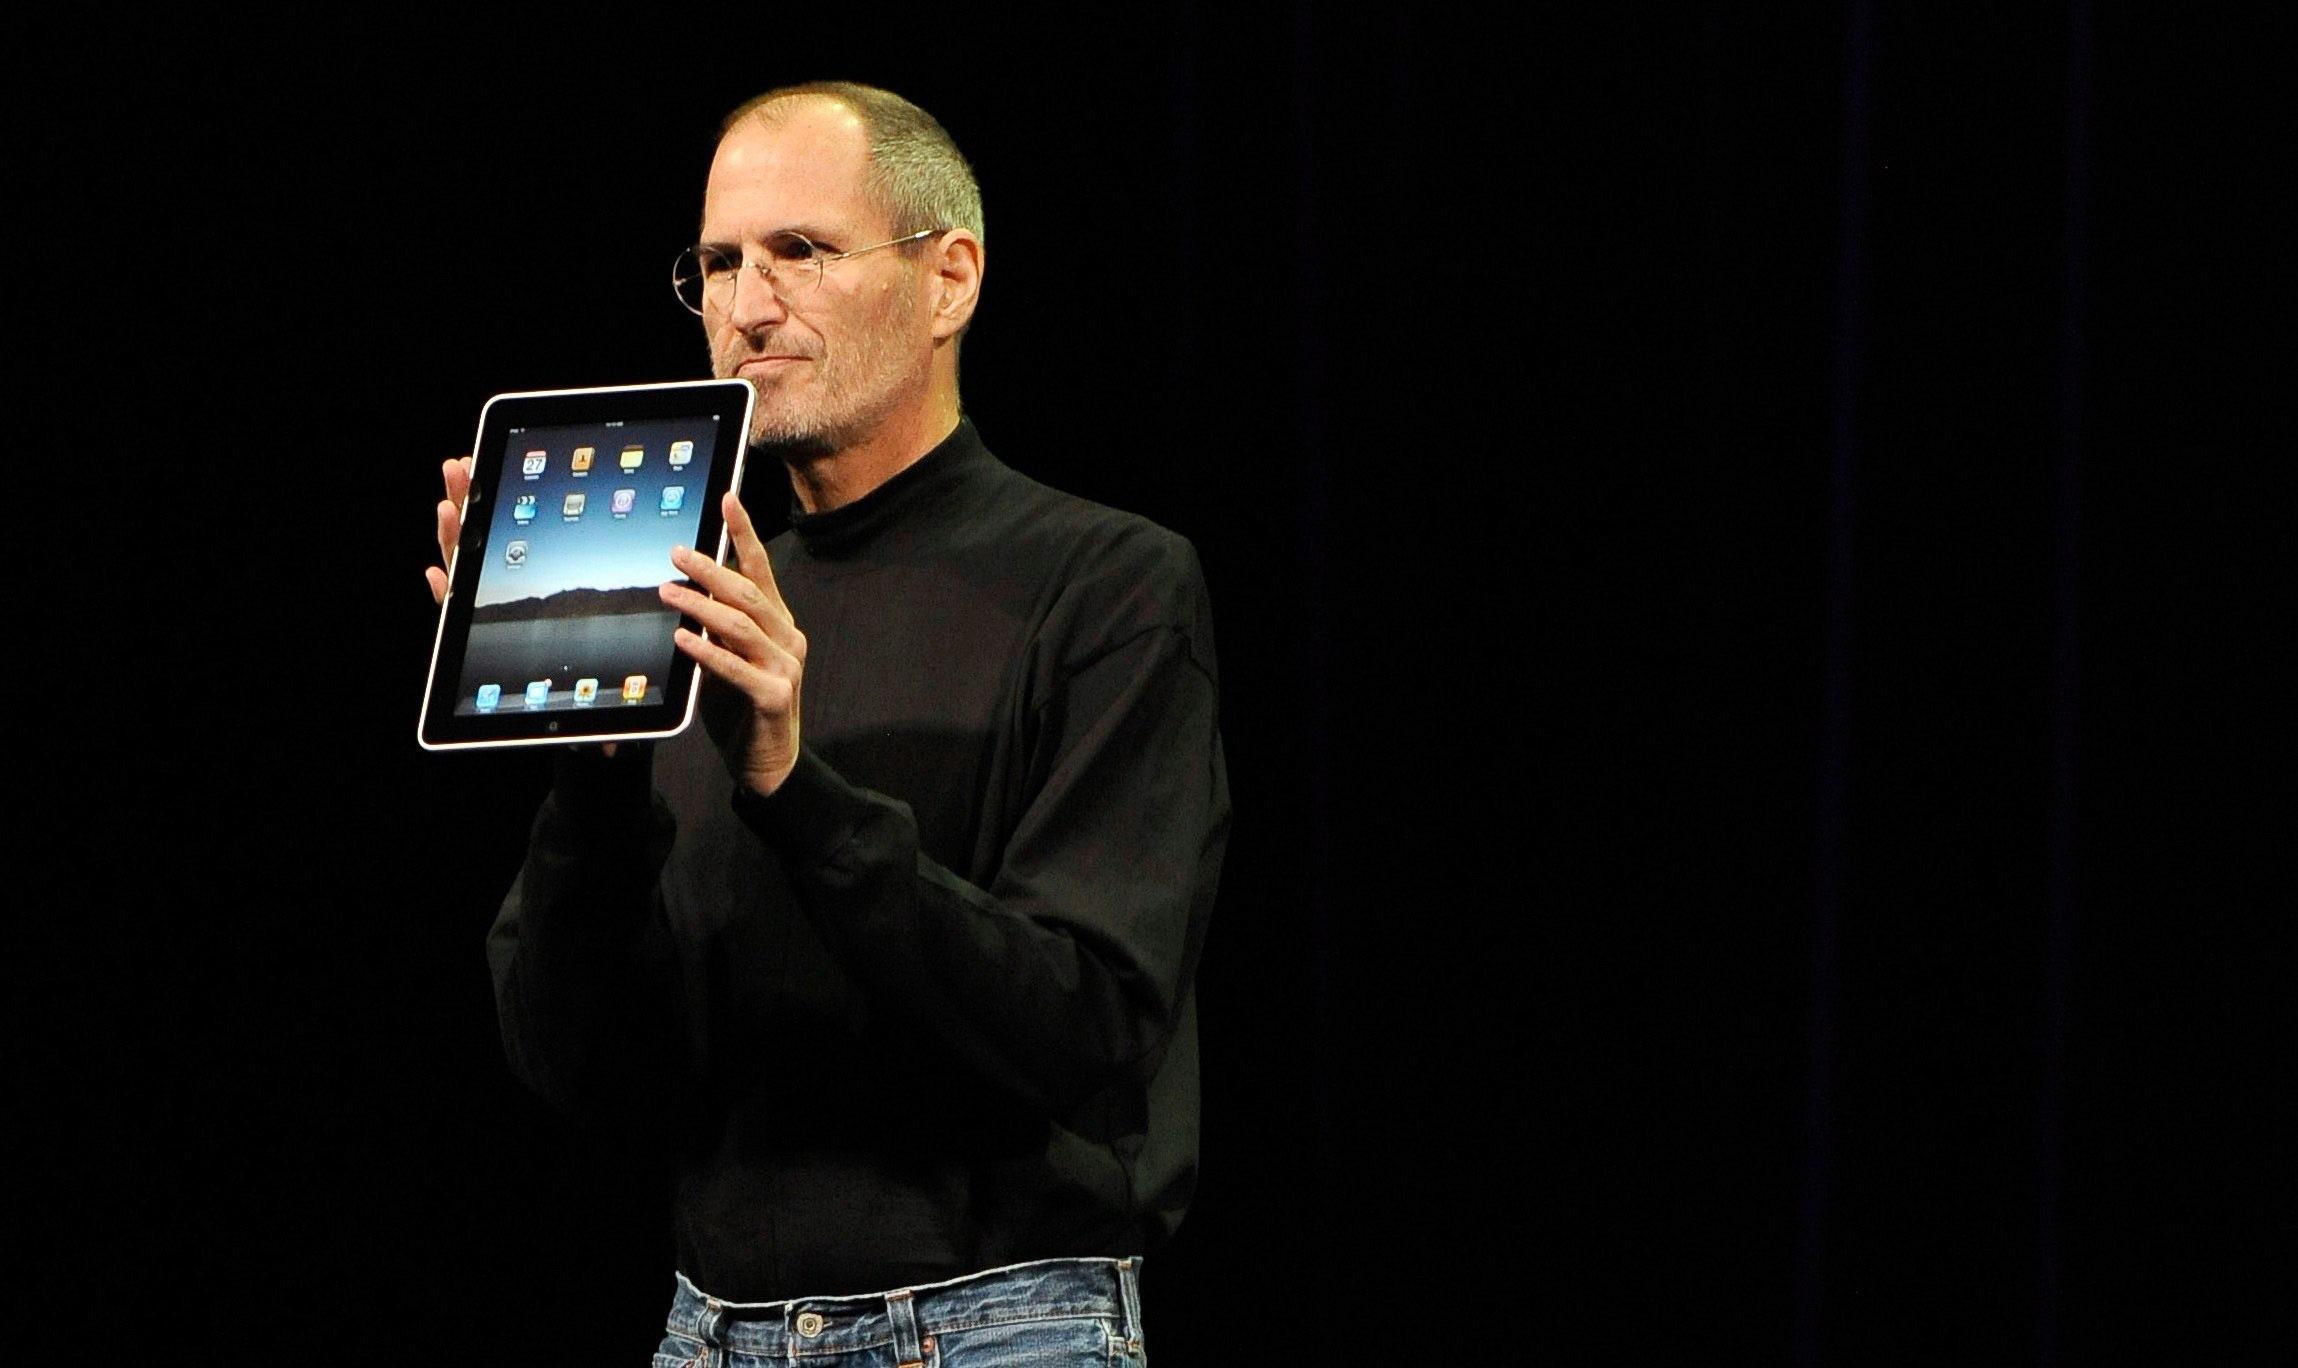 Steve Jobs quando presentò l'iPod, lo teneva in mano mostrandolo al pubblico e catturando la sua curiosità. Spesso un oggetto può essere un punto di riferimento per la platea, da fissare come stella polare mentre il presentatore li guida nella presentazione.